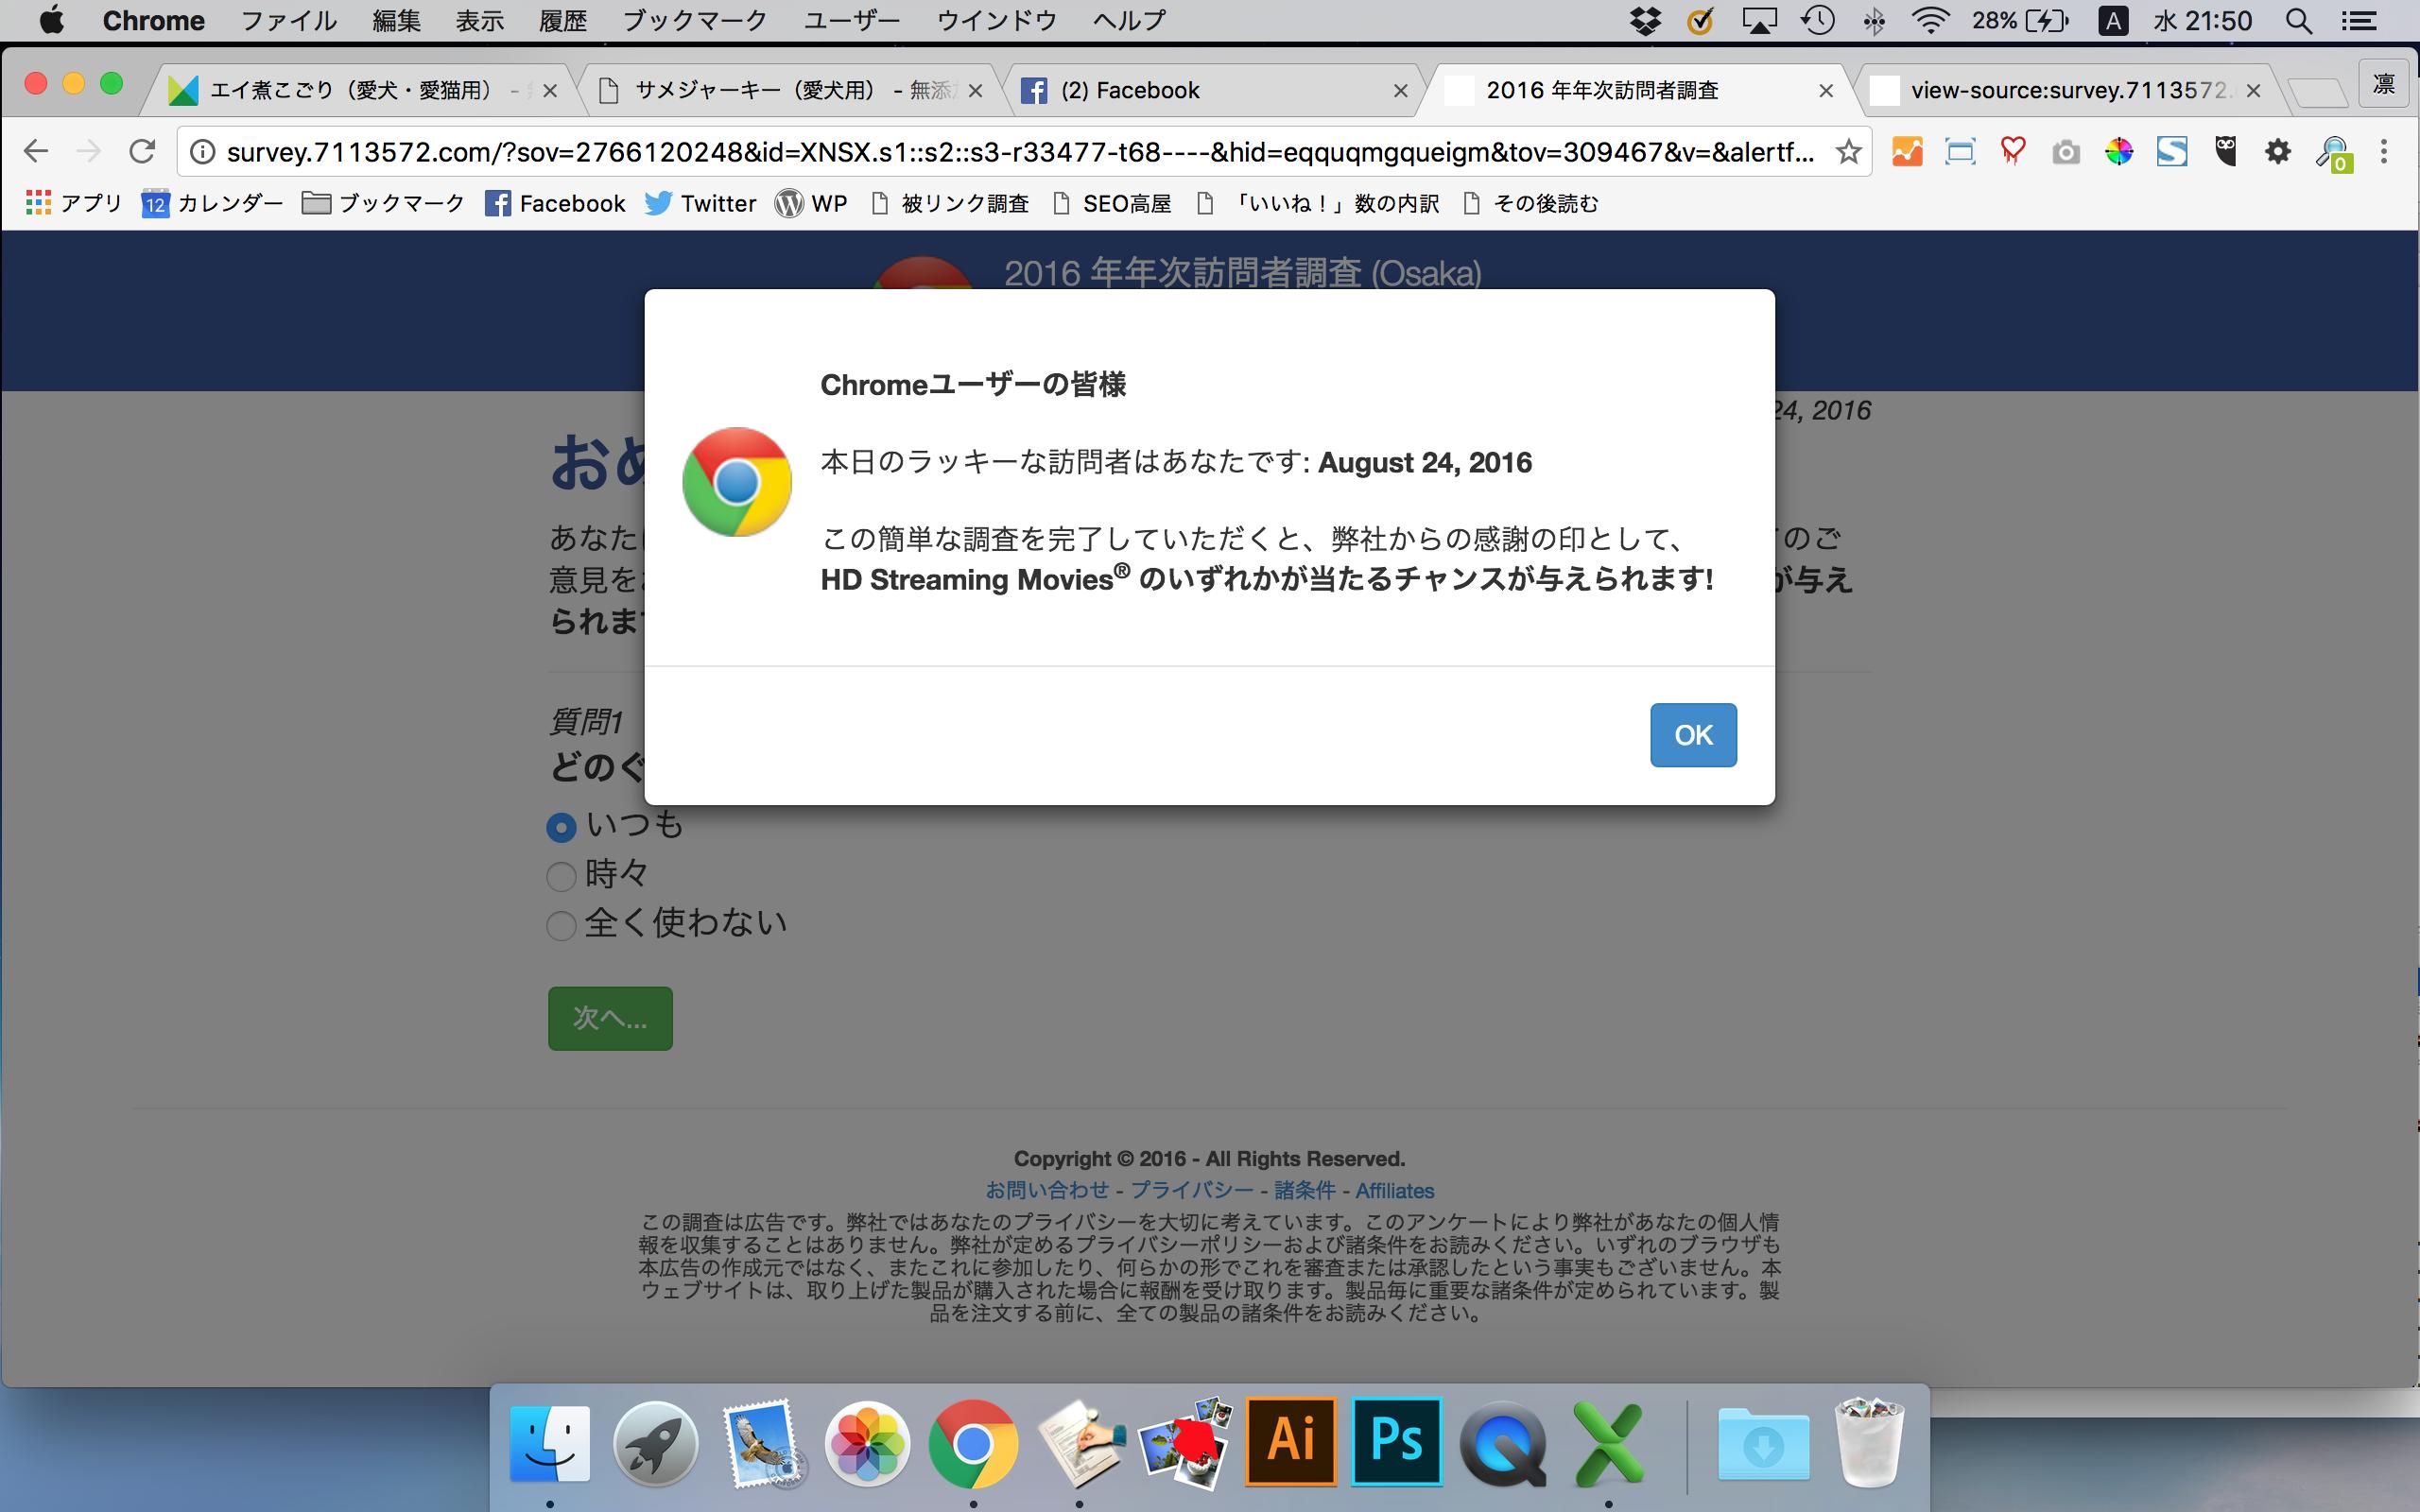 Chromeユーザーの皆様